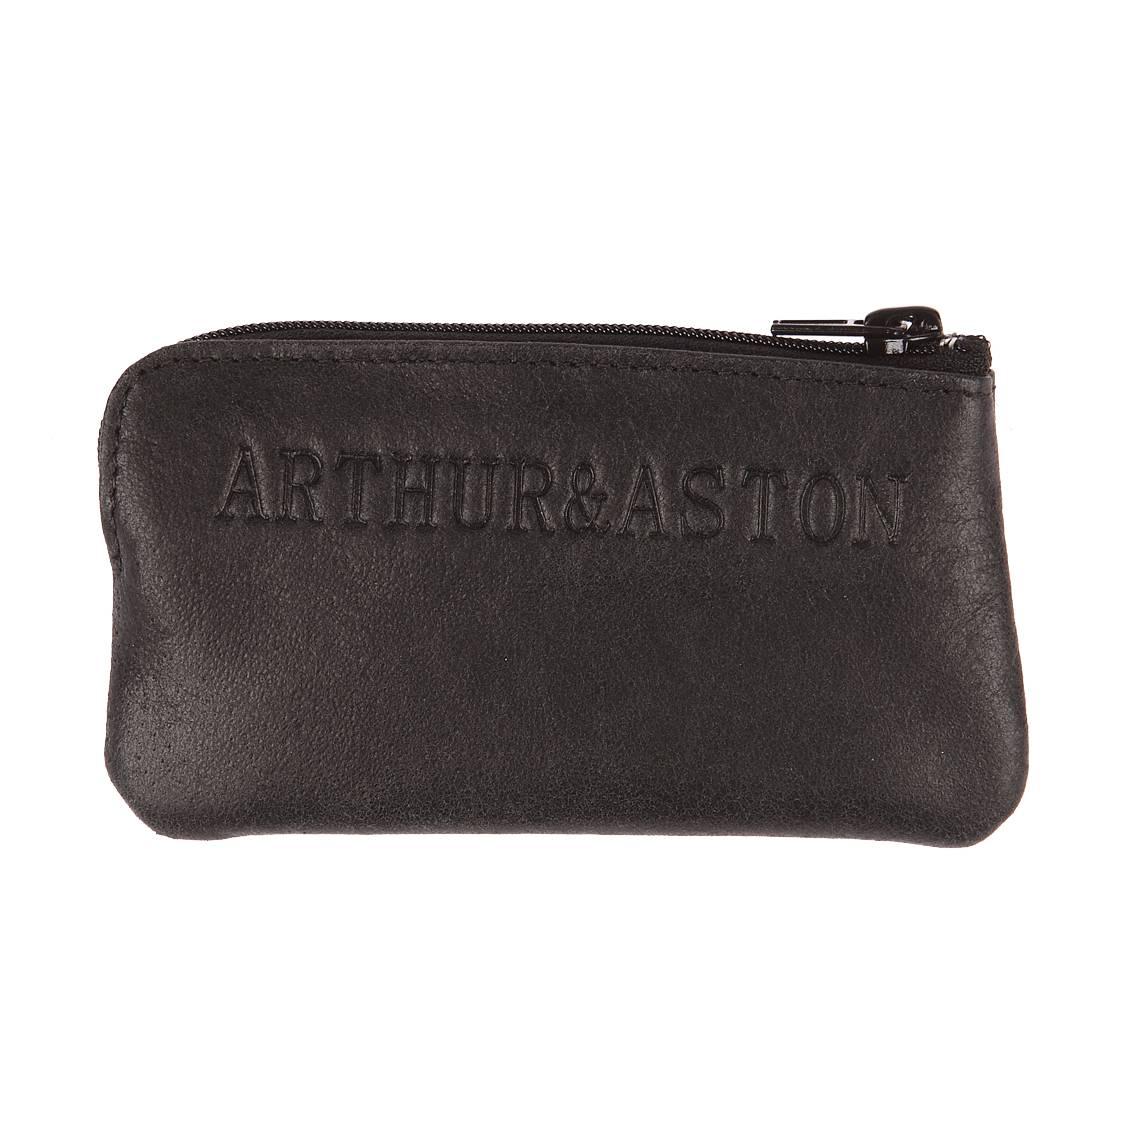 Porte monnaie zipp arthur aston en cuir noir rue des hommes - Porte monnaie arthur et aston ...